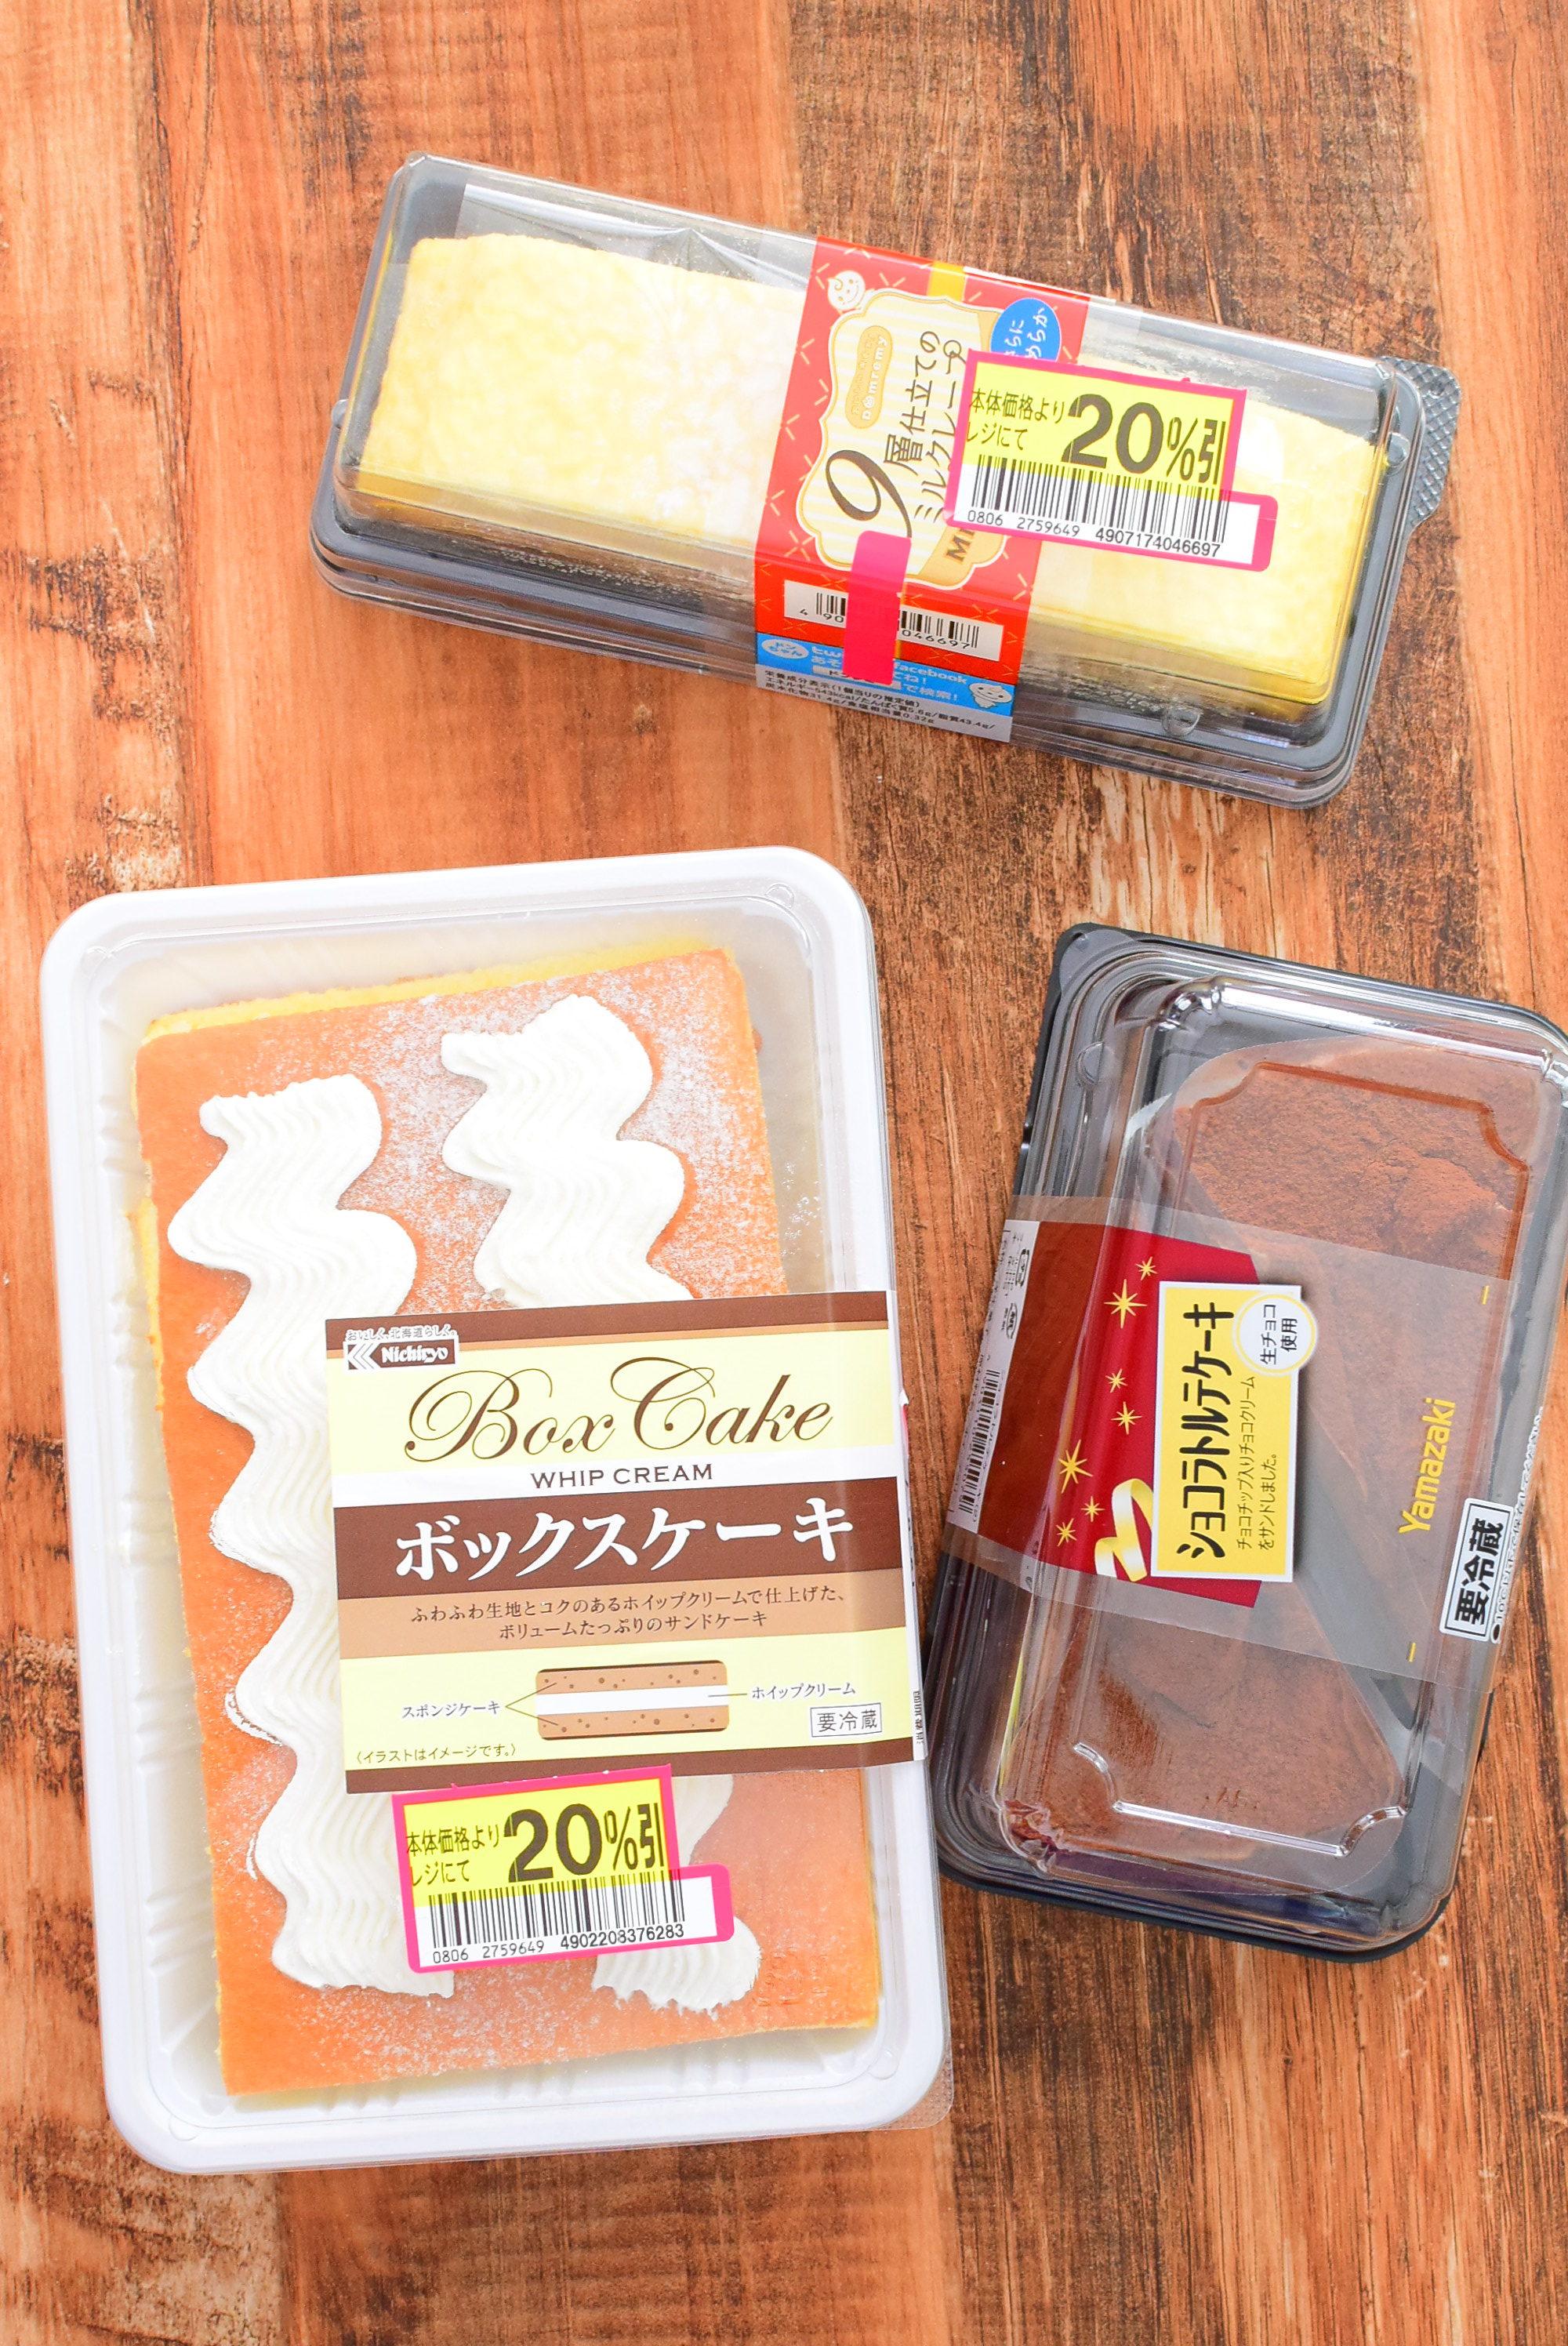 ボックスケーキ、層仕立てのミルクレープ、ショコラトルテケーキの食レポ